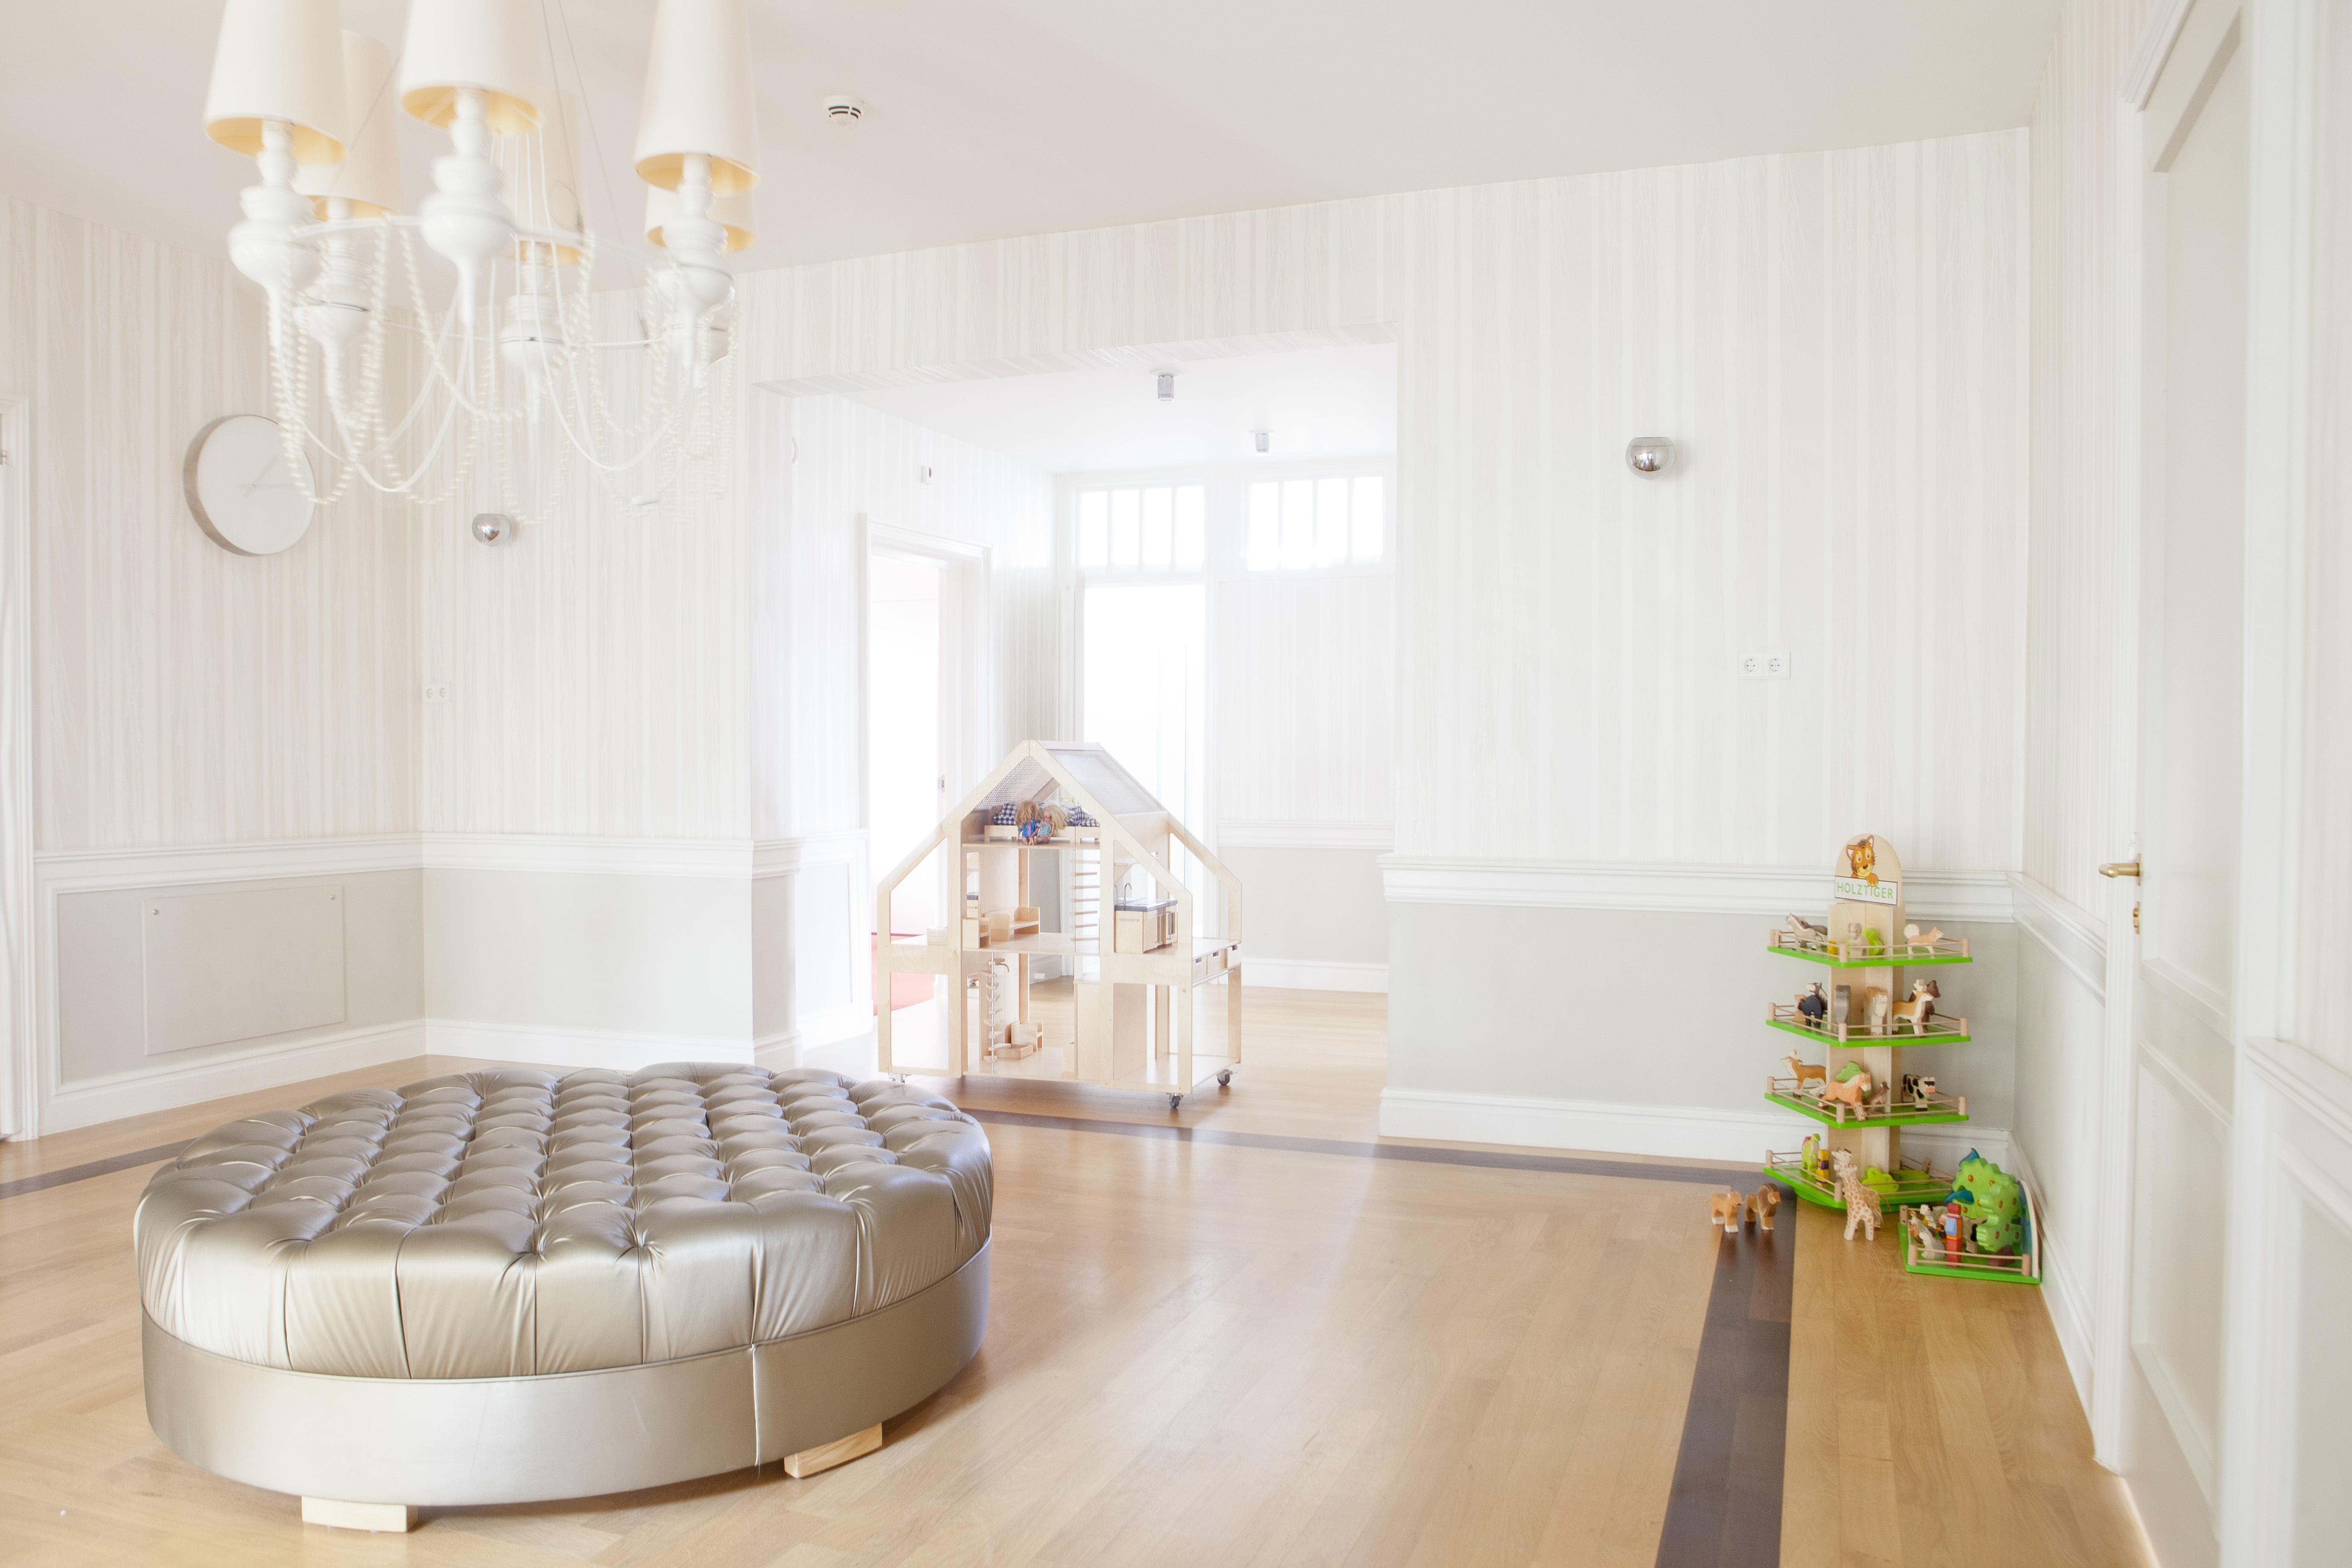 Sol Chambre D Enfant images gratuites : sol, maison, chalet, propriété, meubles